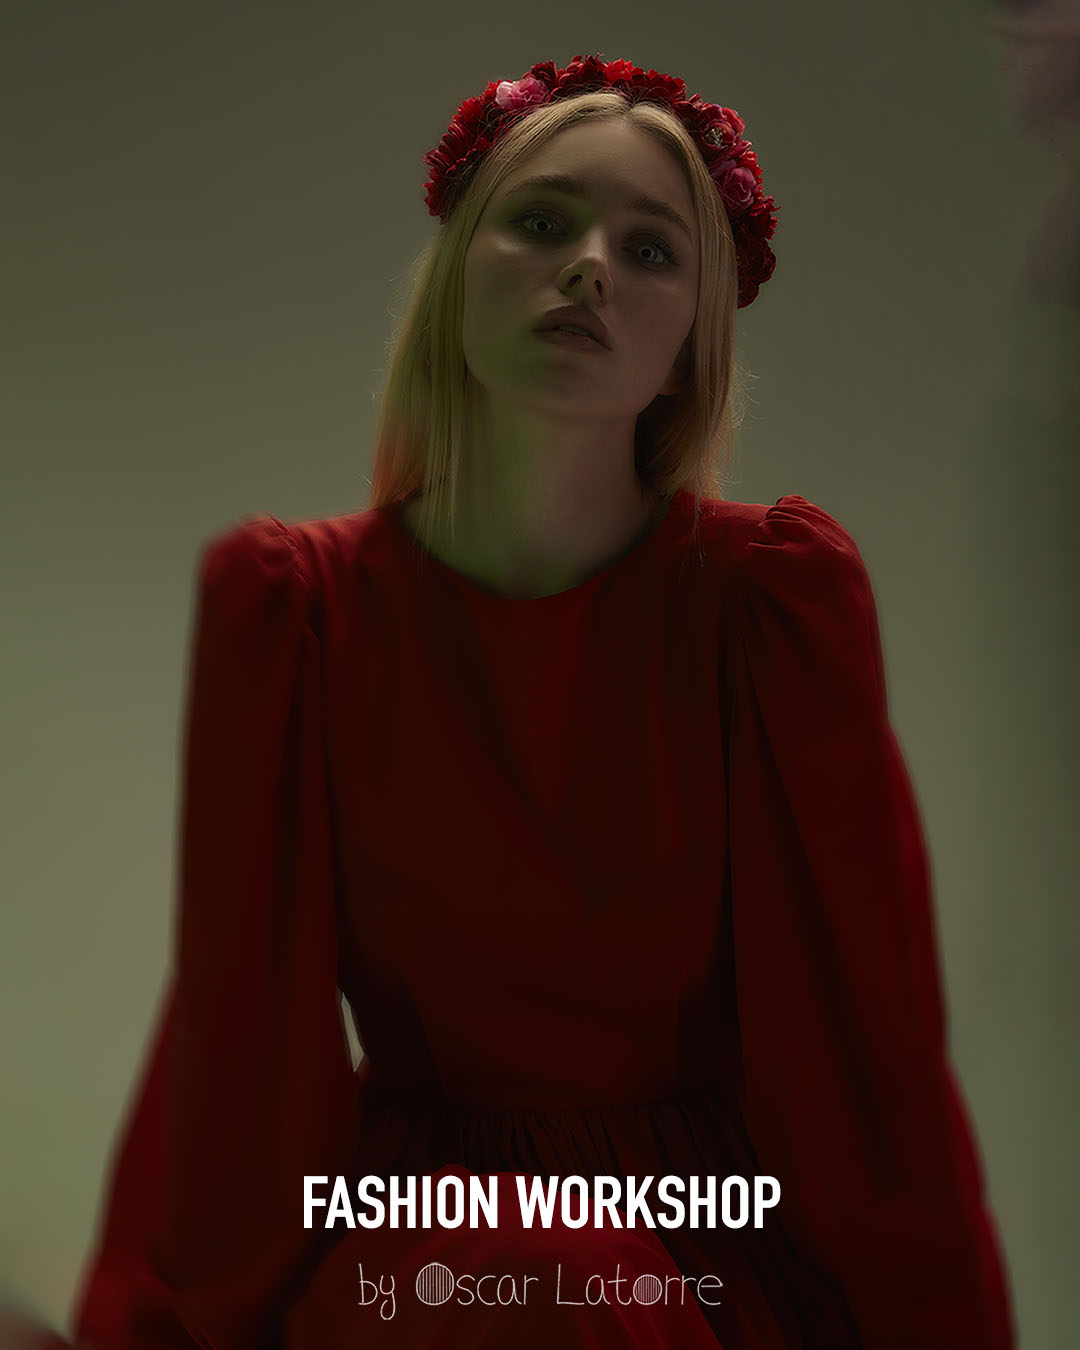 Workshop 2 by Oscar Latorre